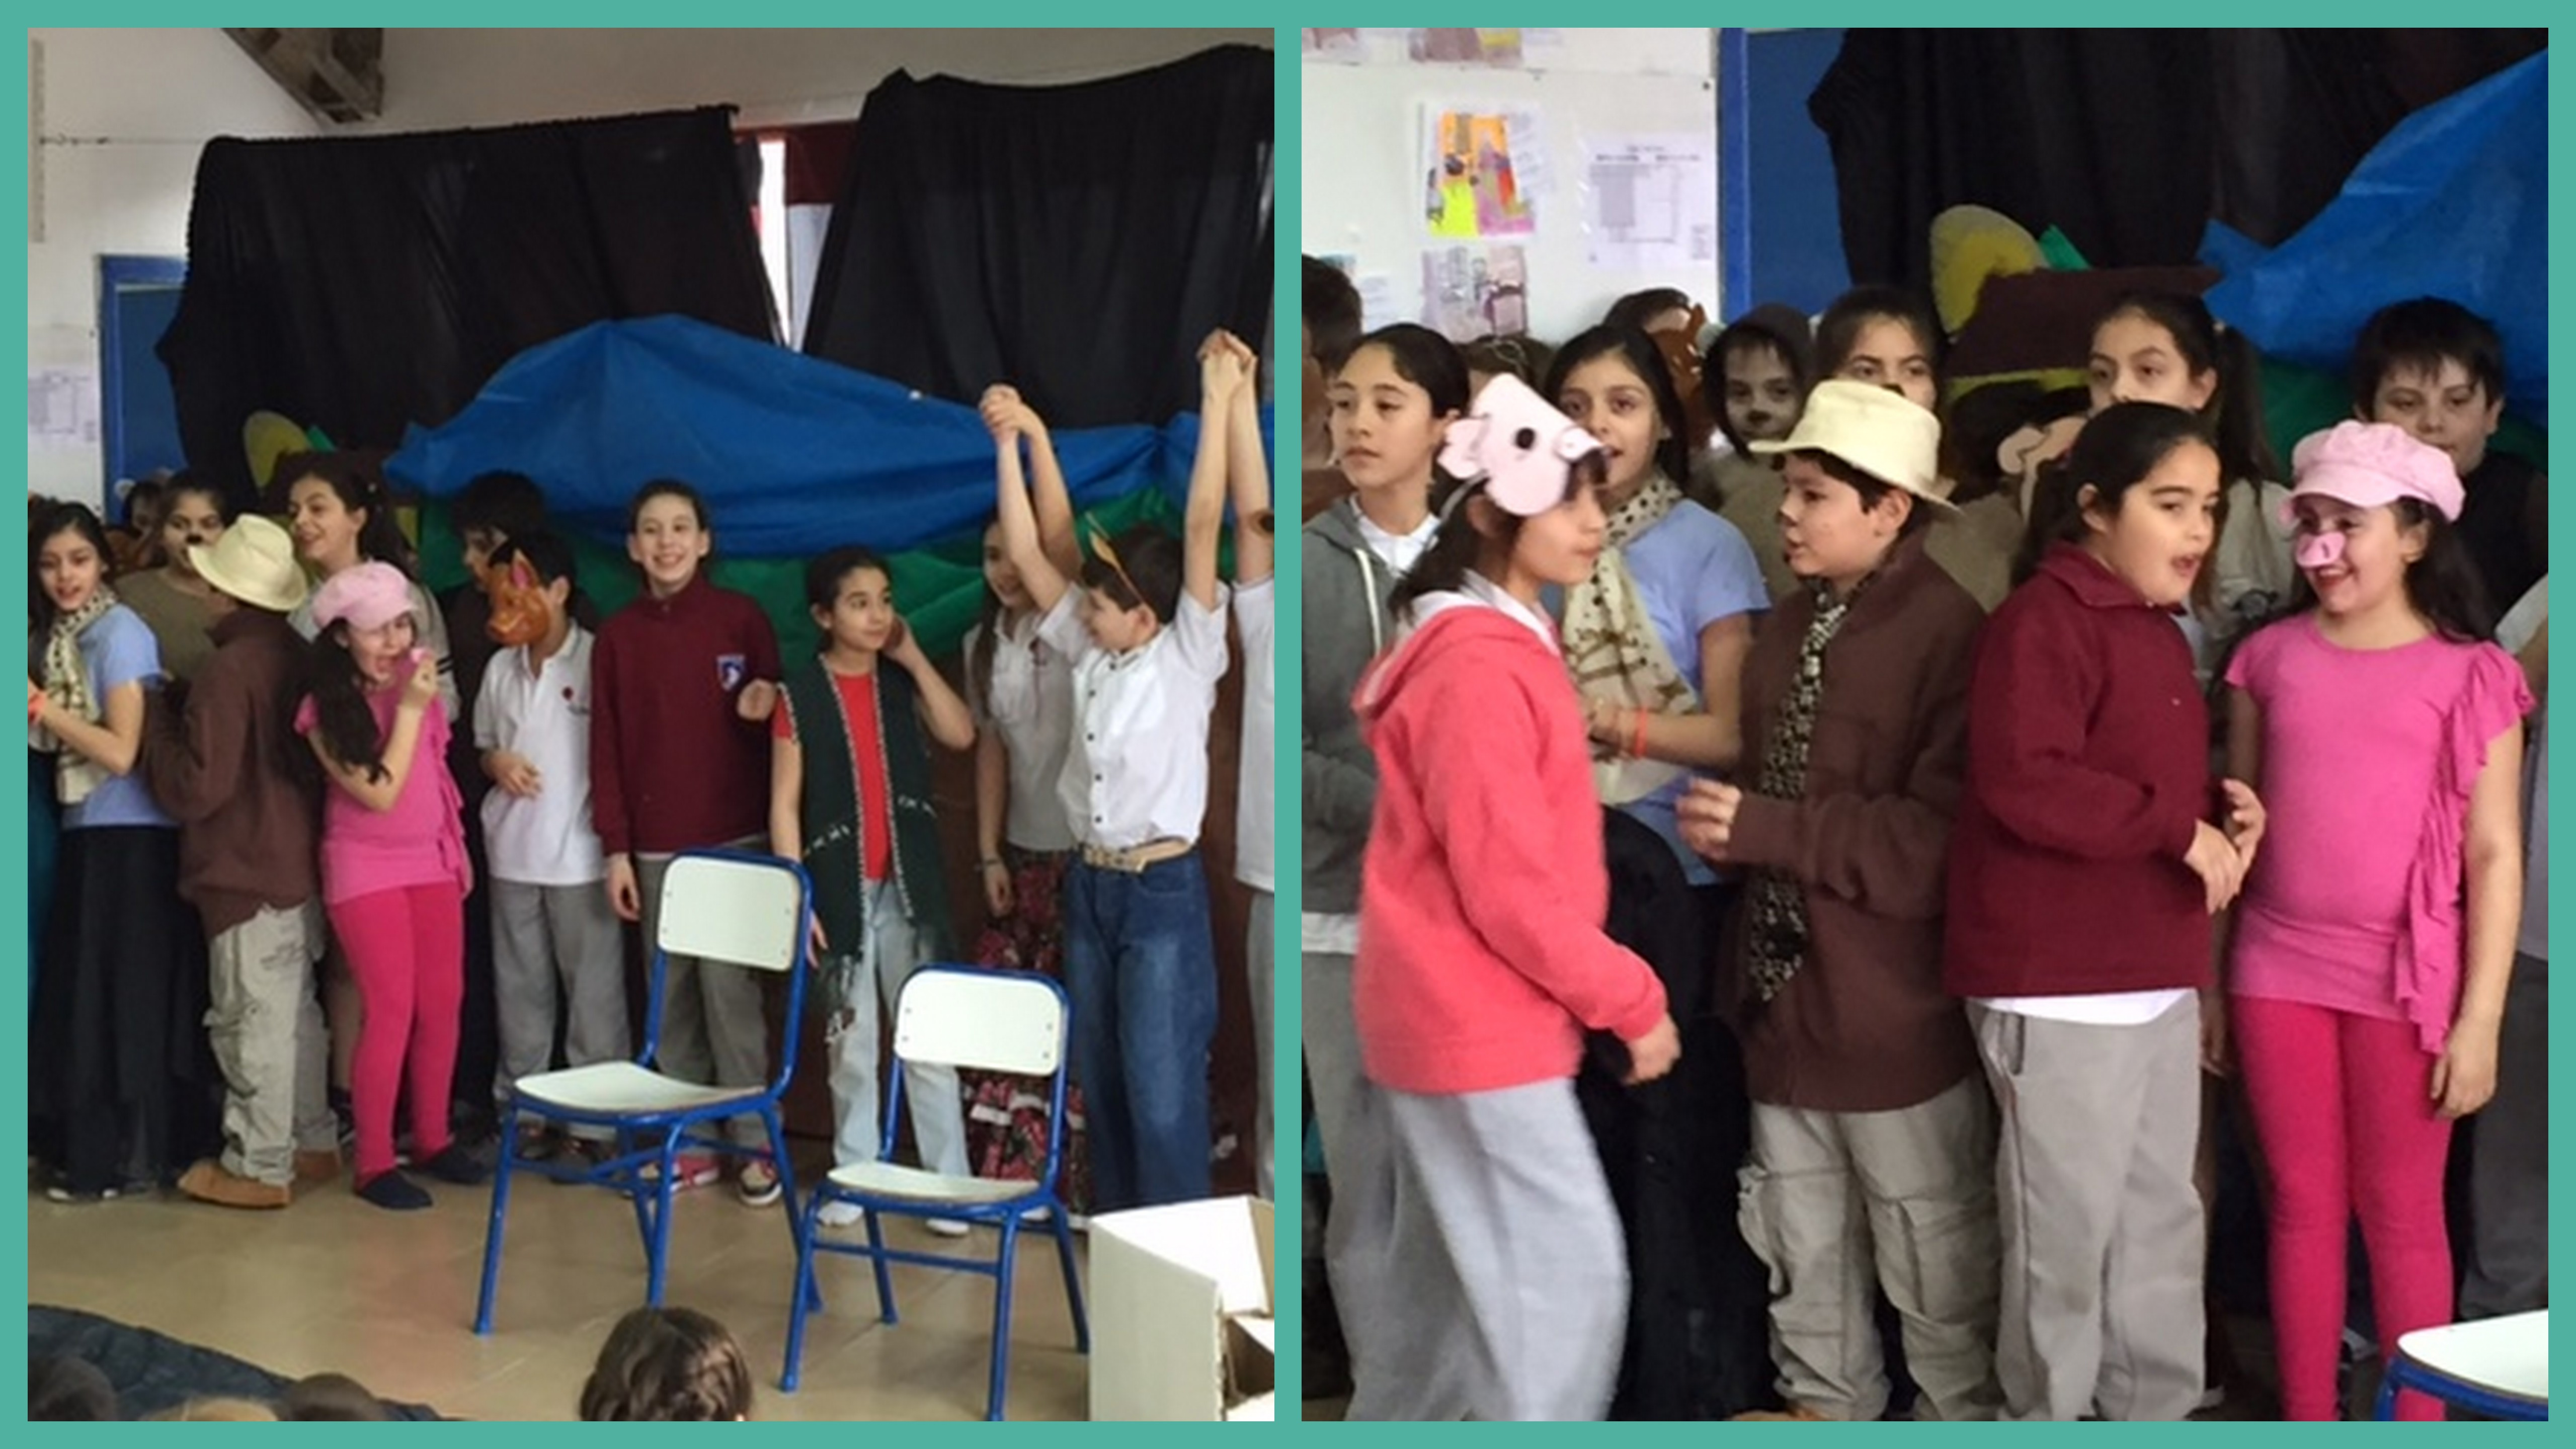 teatro 5 2015-004